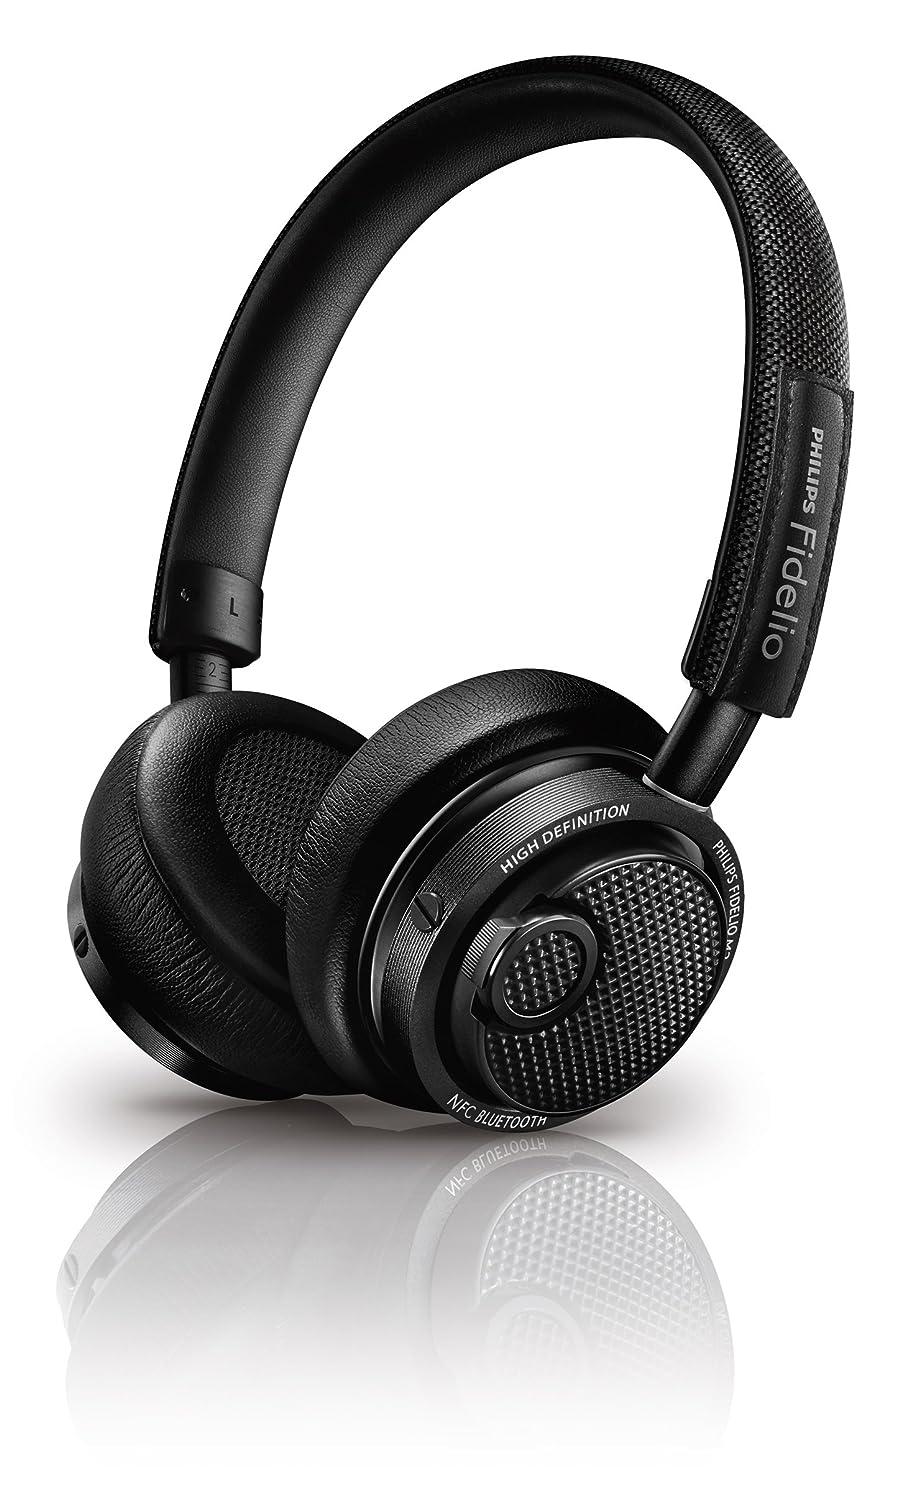 省略する週間許可するPHILIPS ワイヤレスヘッドホン 密閉型/オンイヤー/Bluetooth対応 ブラック M2BTBK【国内正規品】